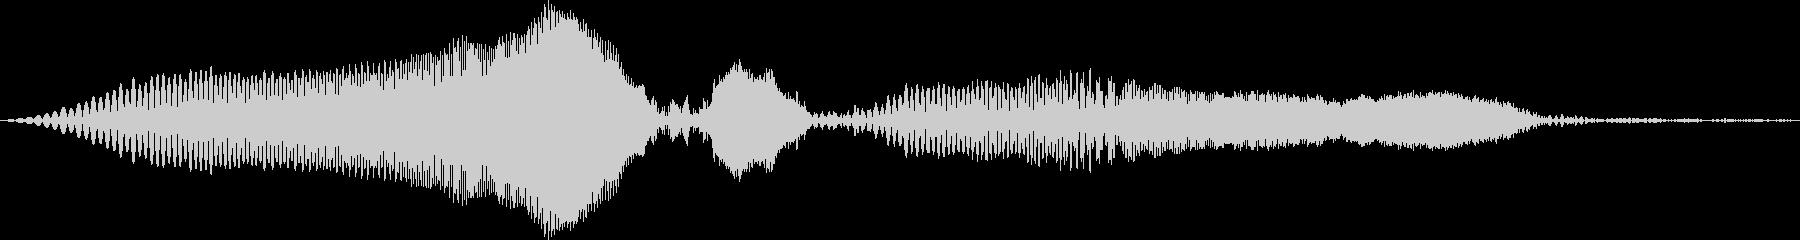 ピヨン(感情:怒る)の未再生の波形